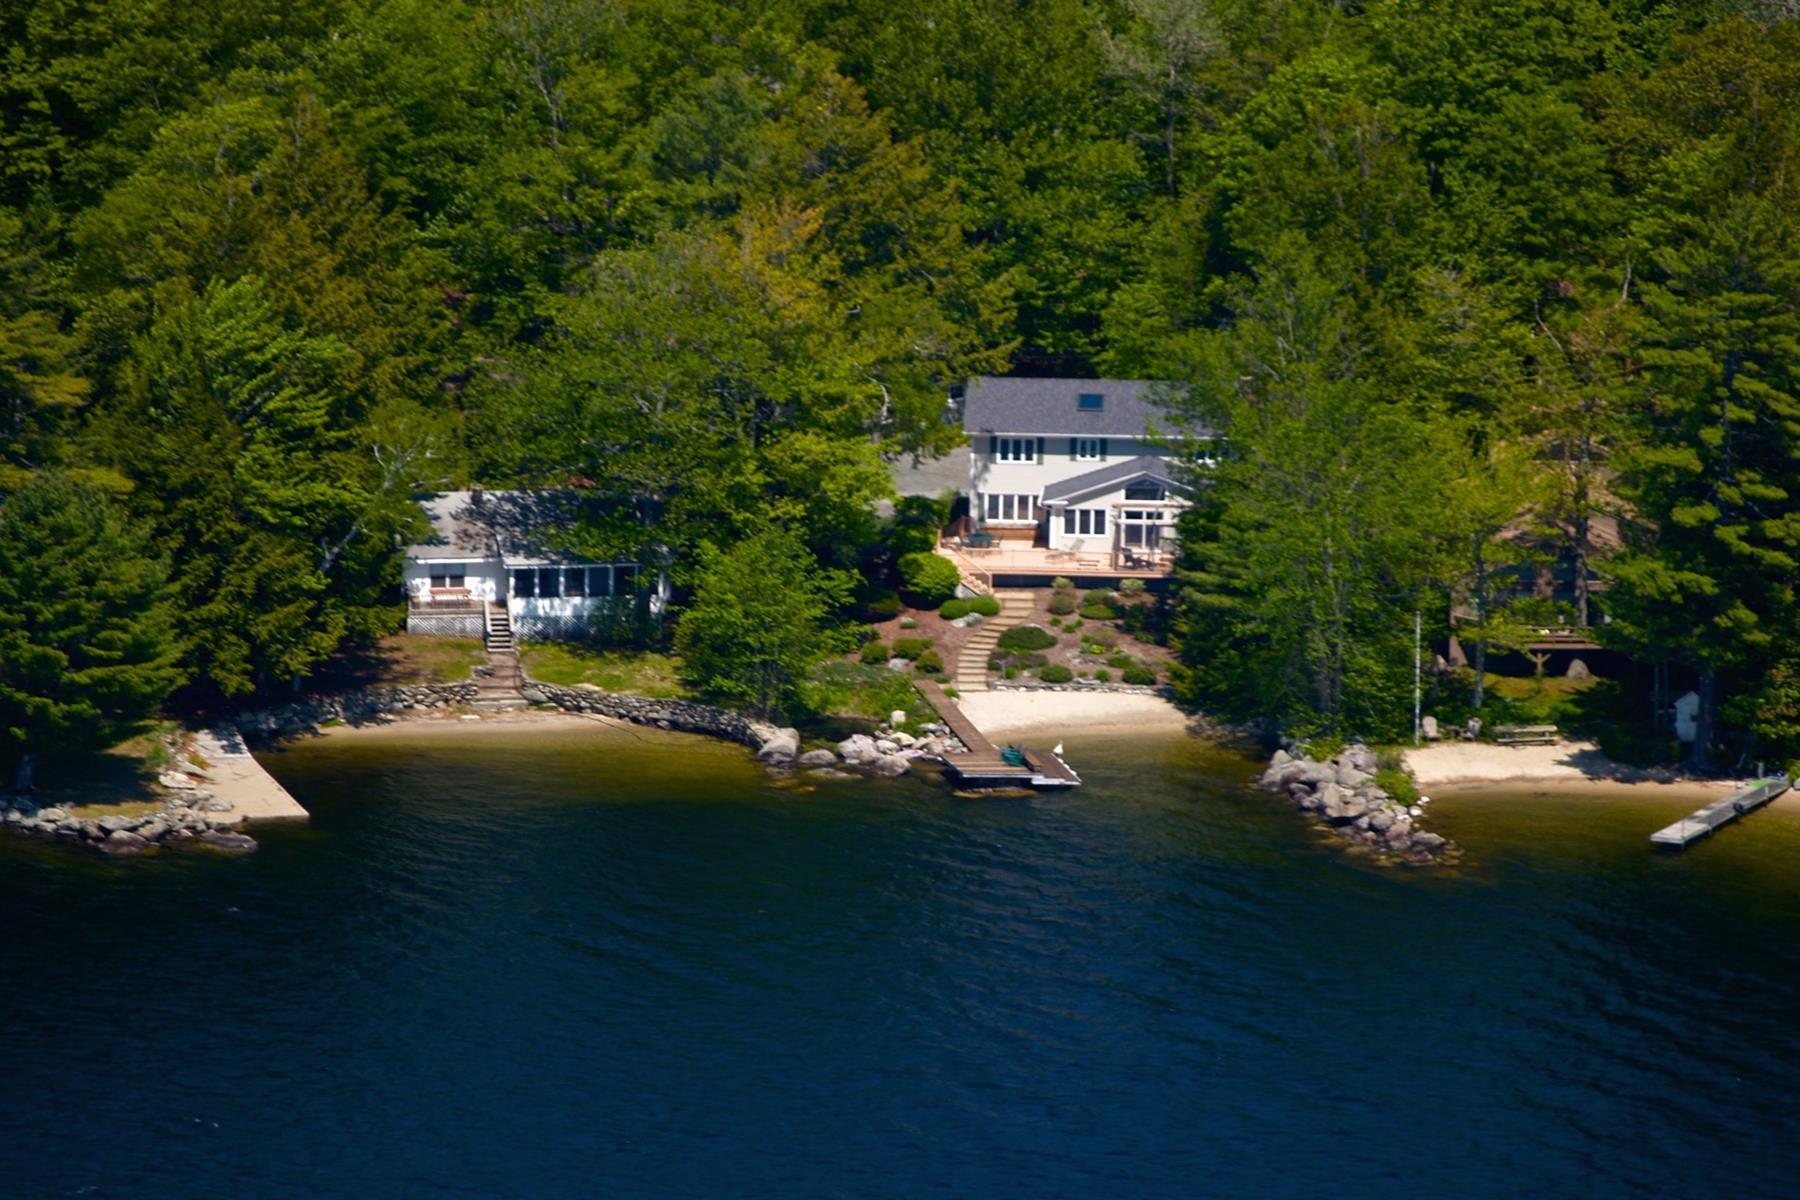 独户住宅 为 销售 在 1028 Lakeshore, New London 1028 Lakeshore Dr 新伦敦, 新罕布什尔州, 03257 美国